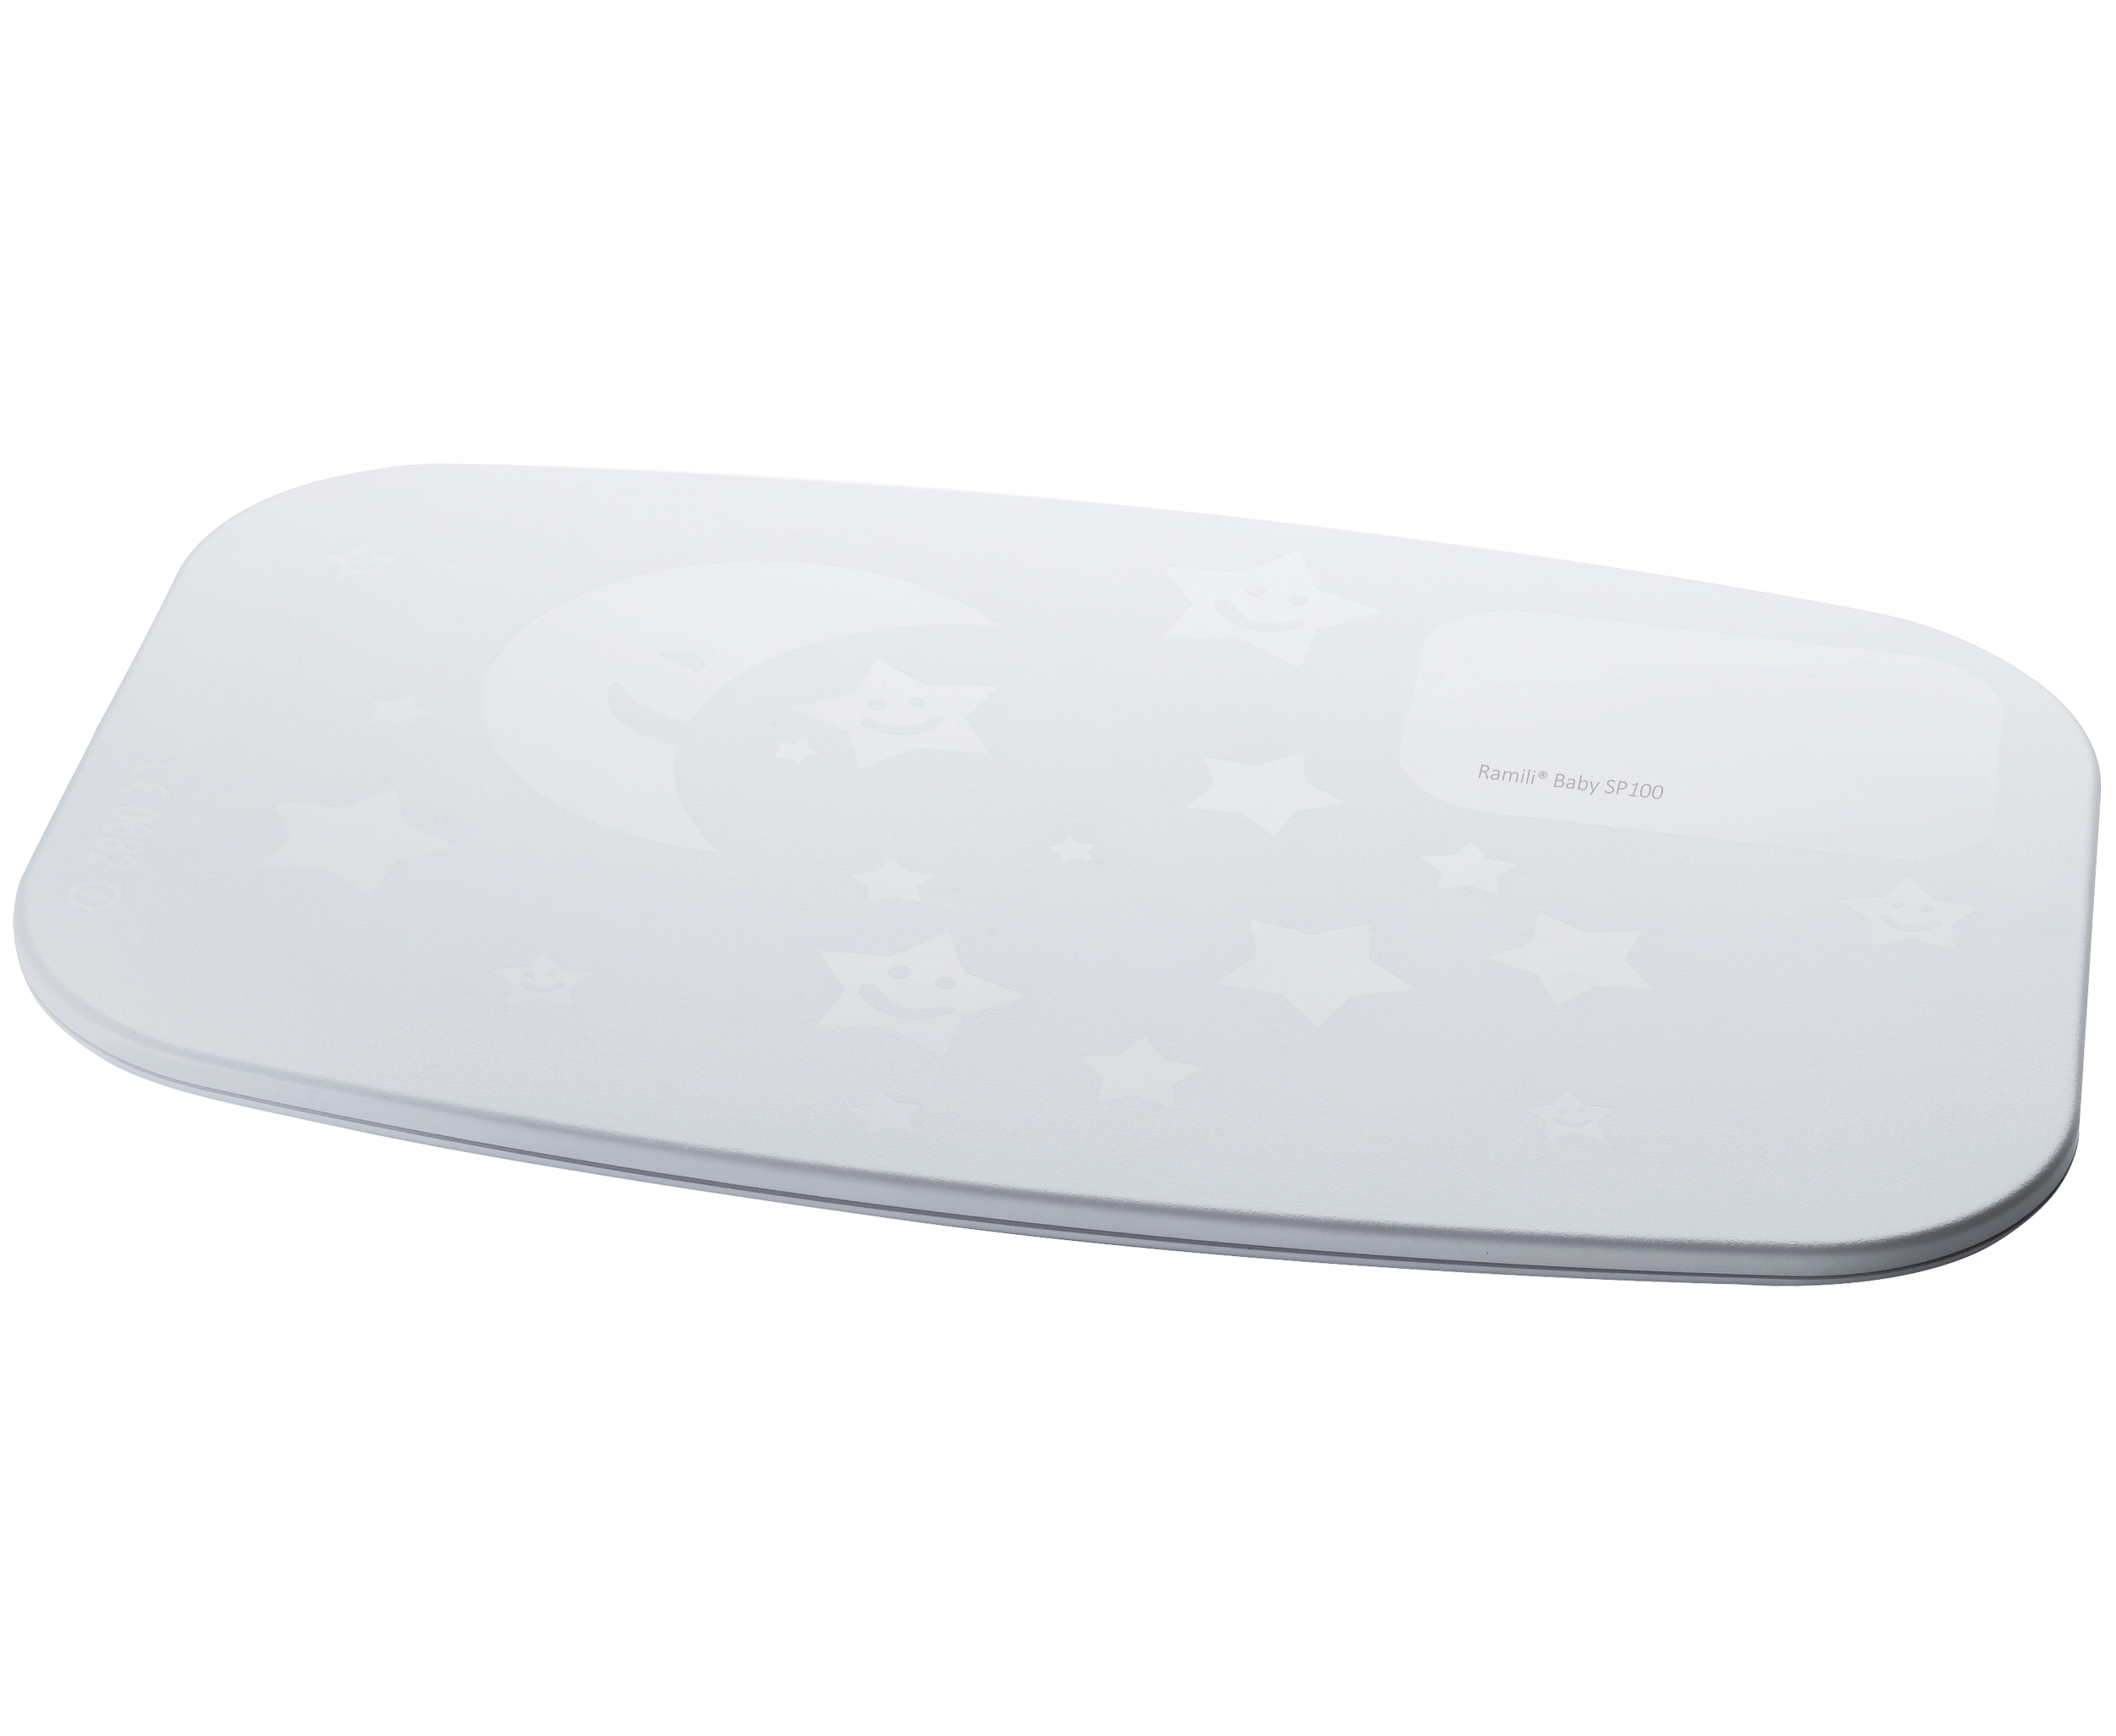 Монитор дыхания Ramili Movement Sensor Pad SP100 представляет из себя сенсорный коврик, который располагается под матрасиком в детской кроватке и улавливает движения ребенка, в том числе и очень слабые движения, вызываемые дыханием. Сигнал передается на радионяню Ramili Baby.